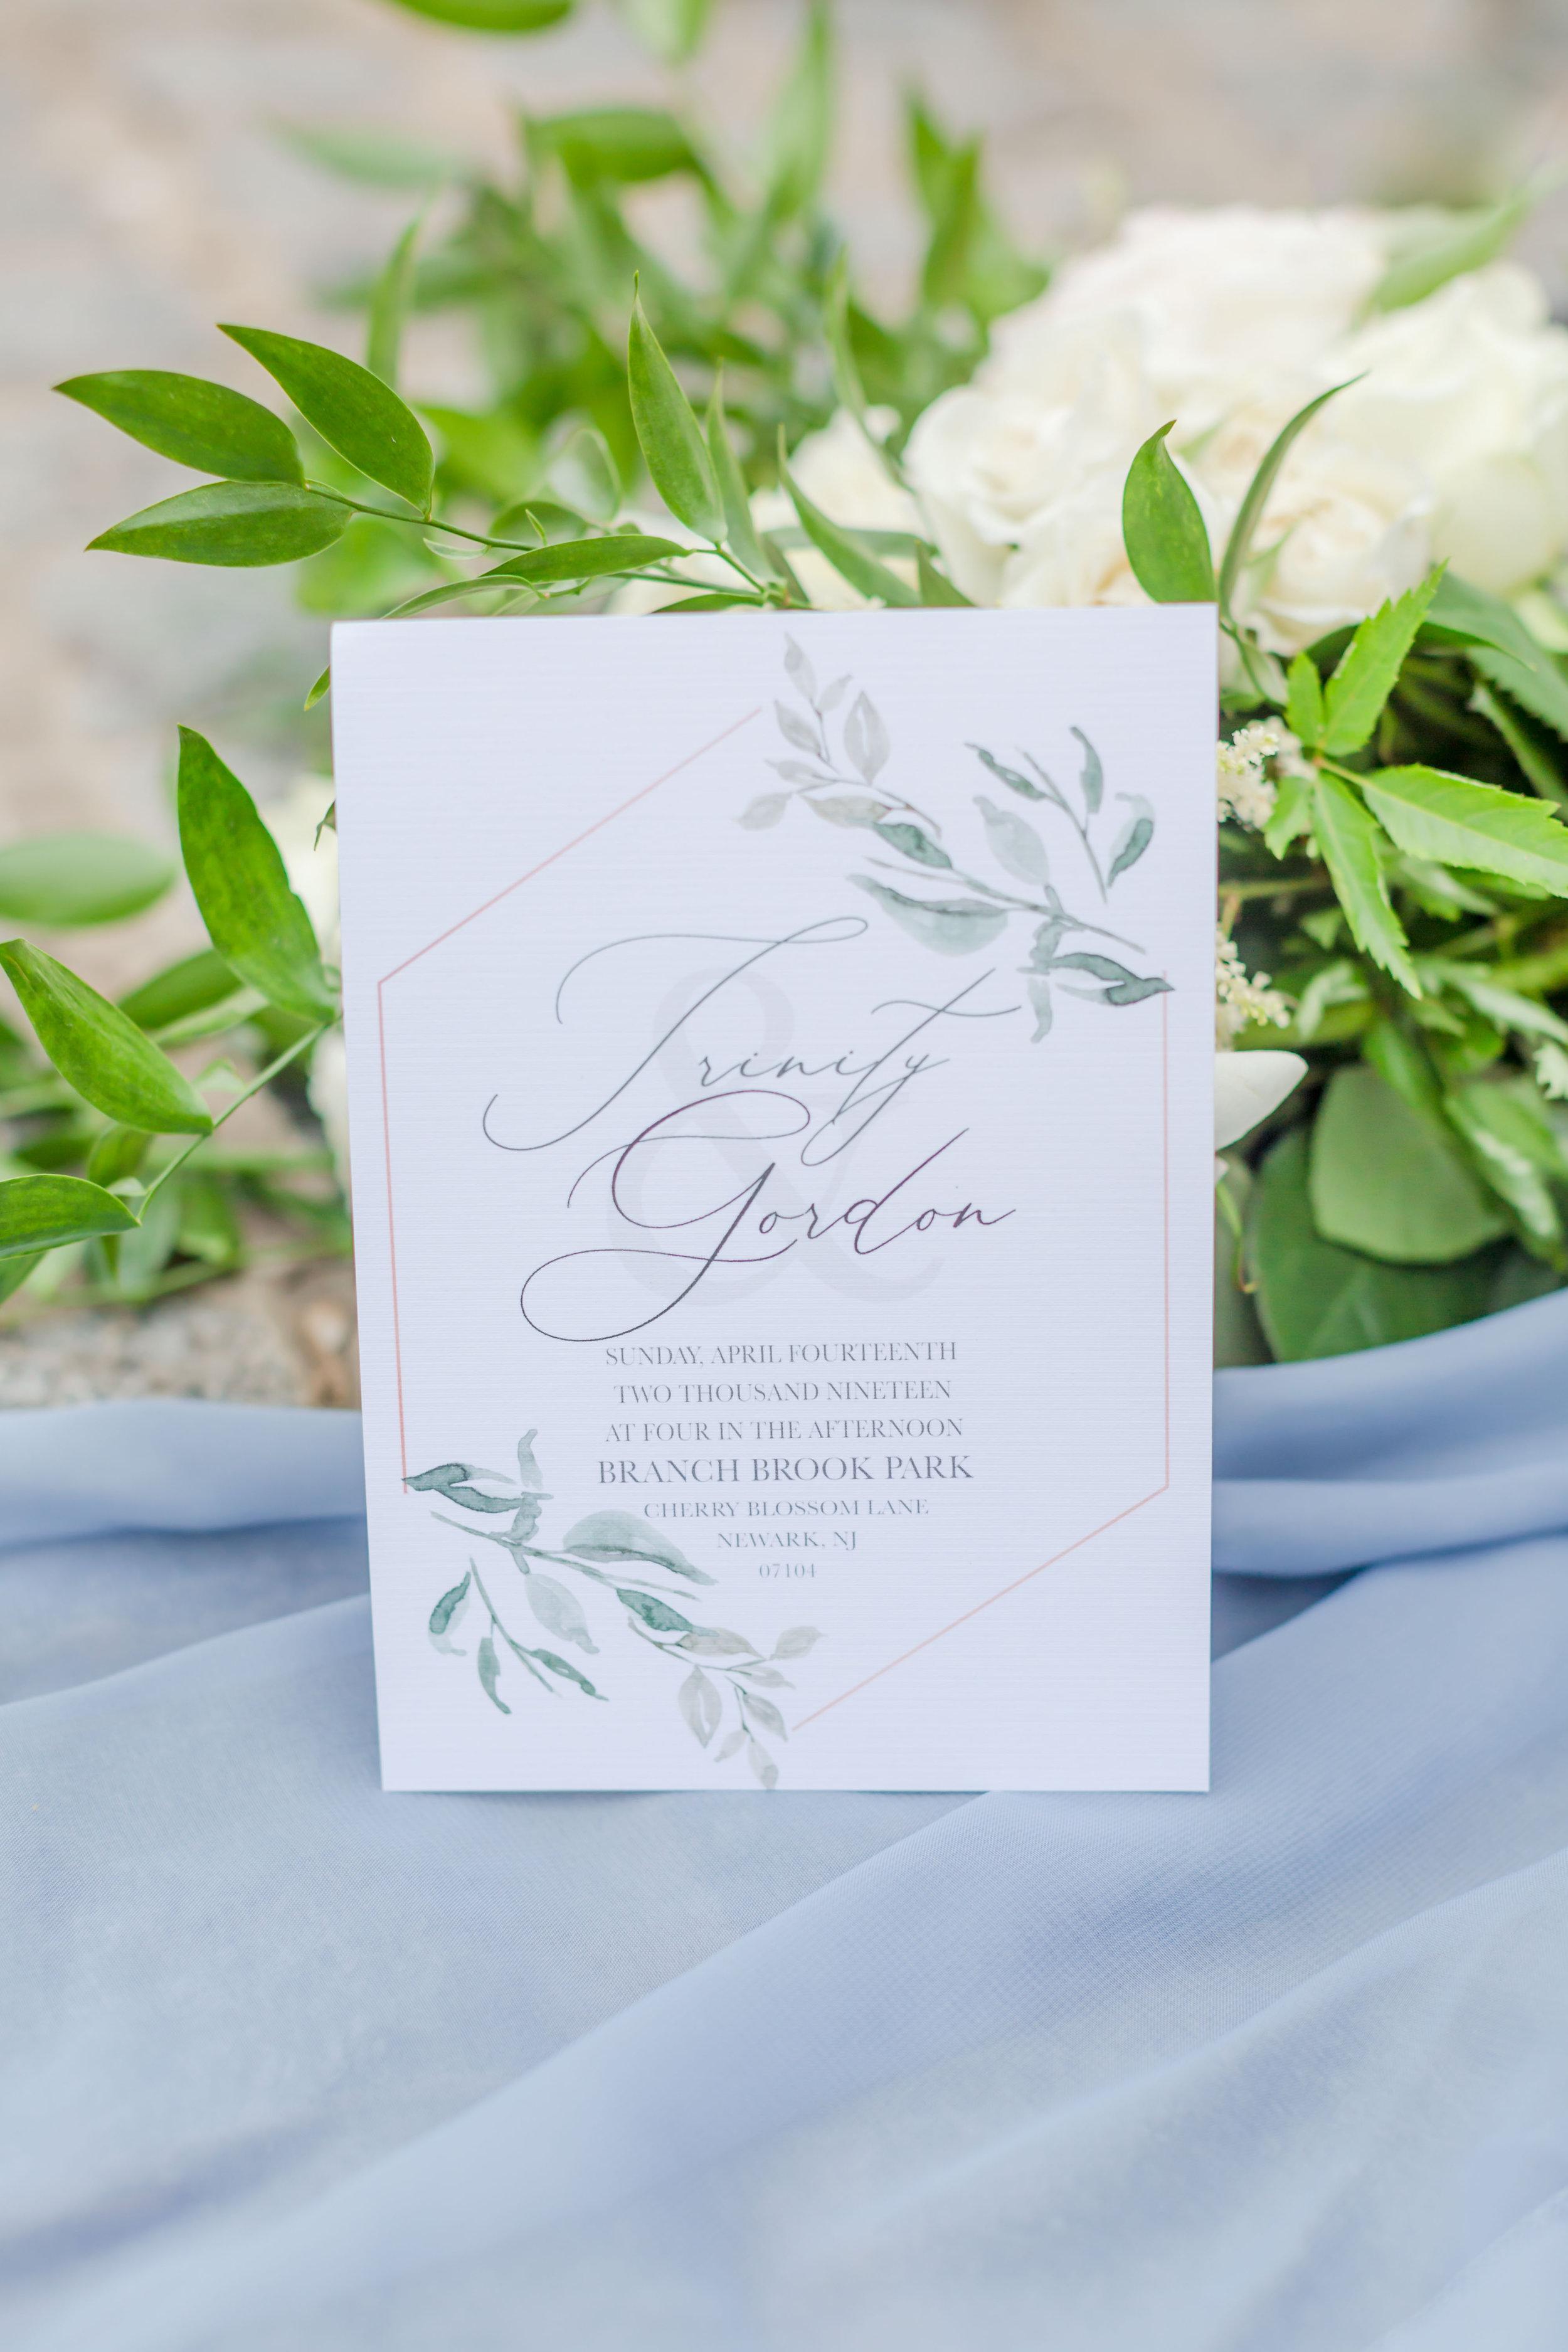 ScarlettExpressions-StyledShoot-Invitation-29.jpg